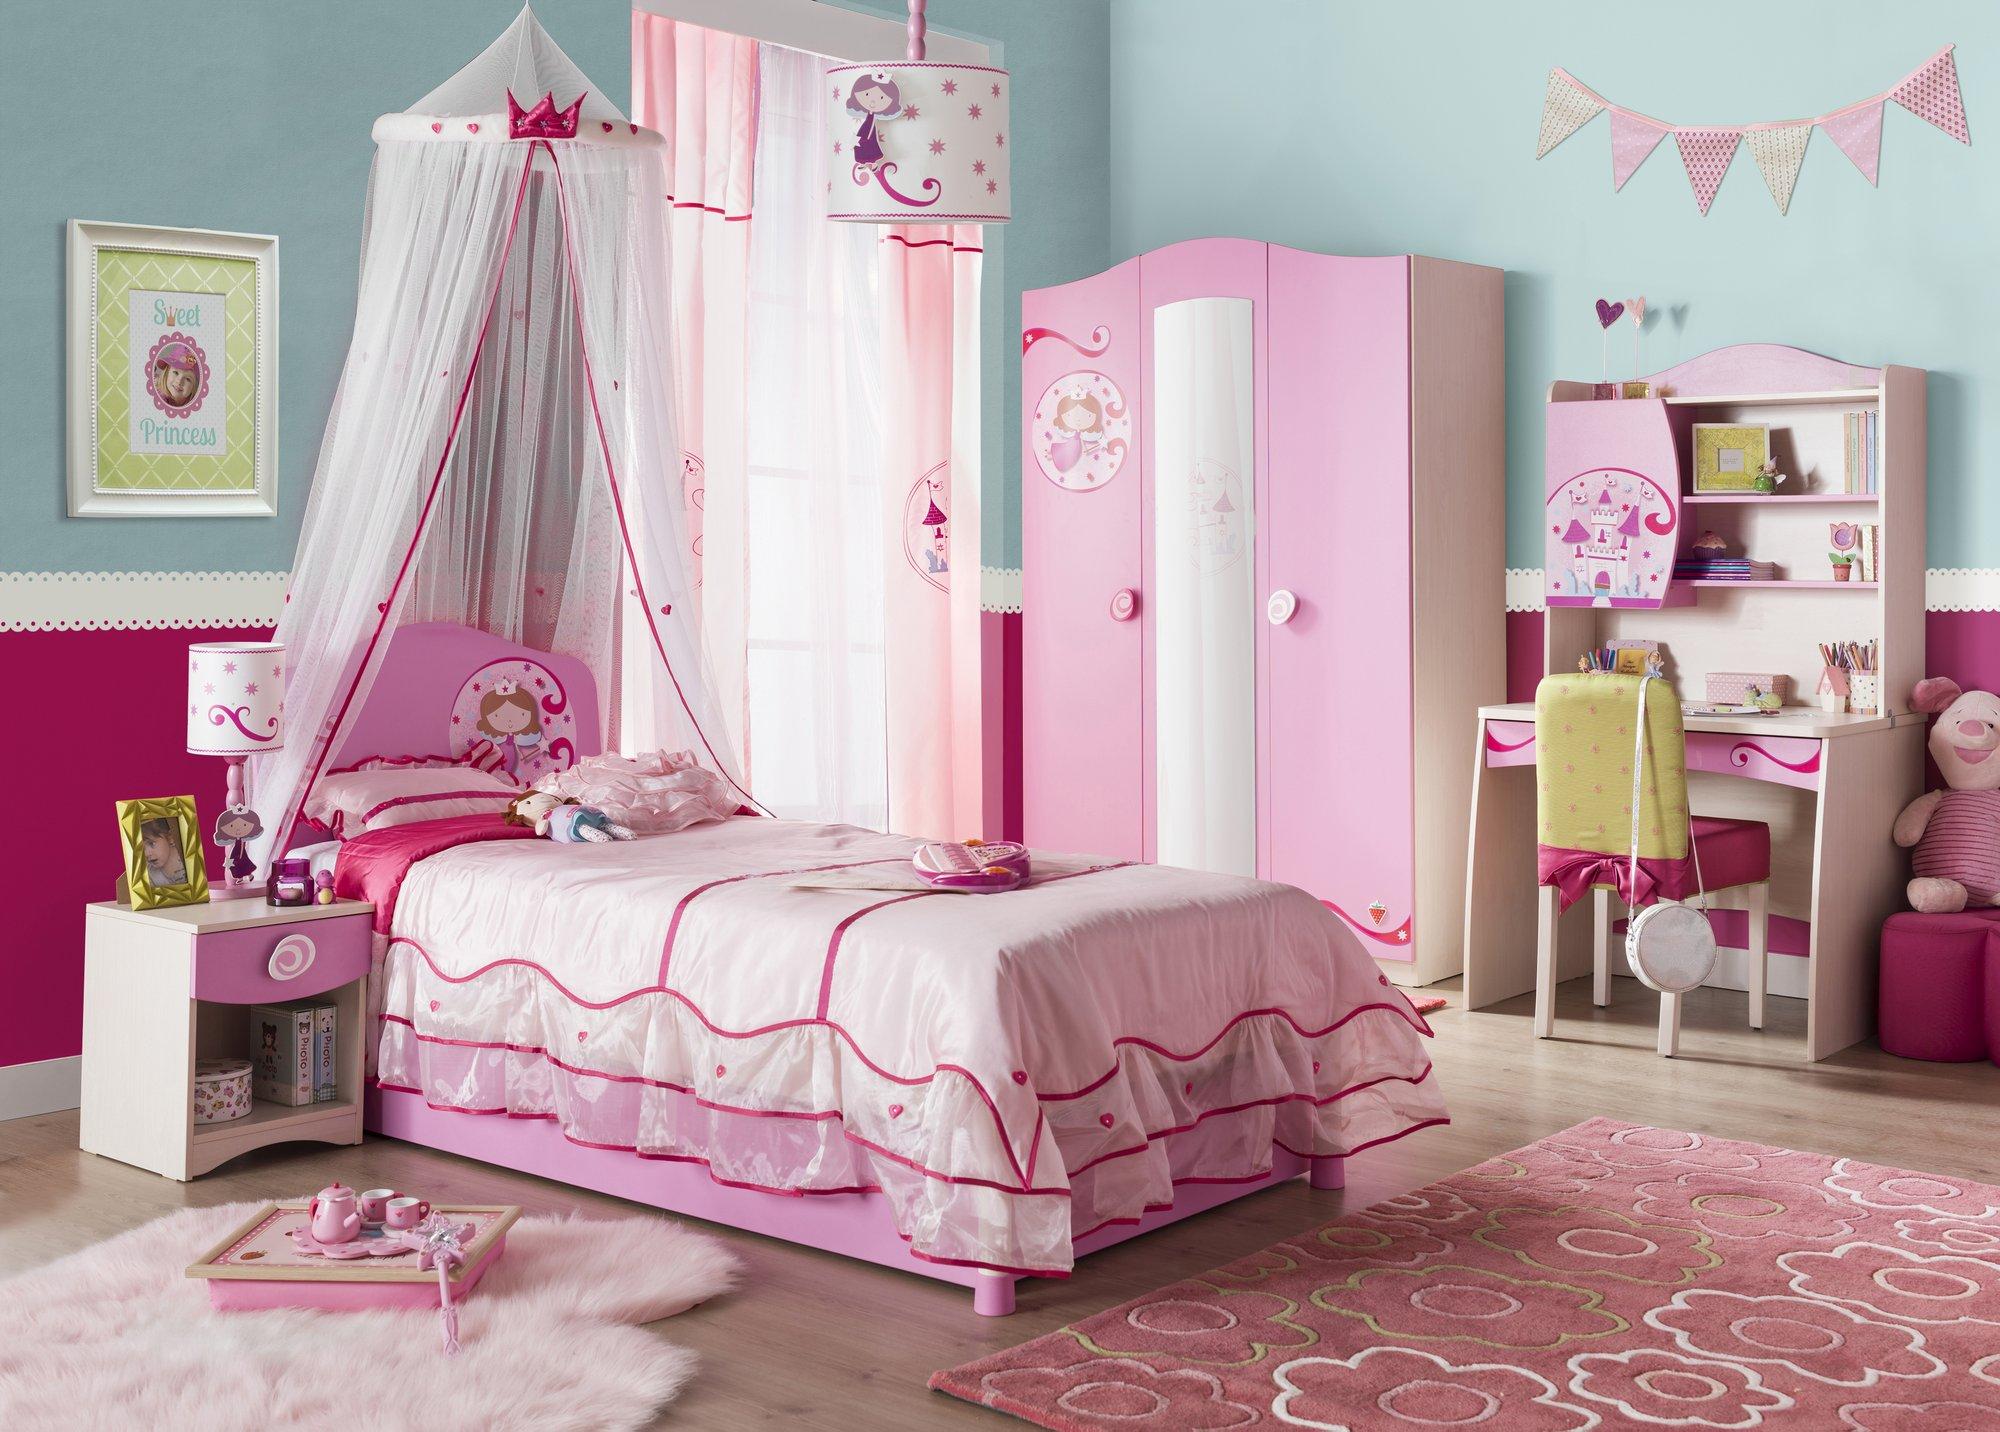 8adcfb379a1e Detský nábytok pre dievčatá Princess - Hezký detský nábytok